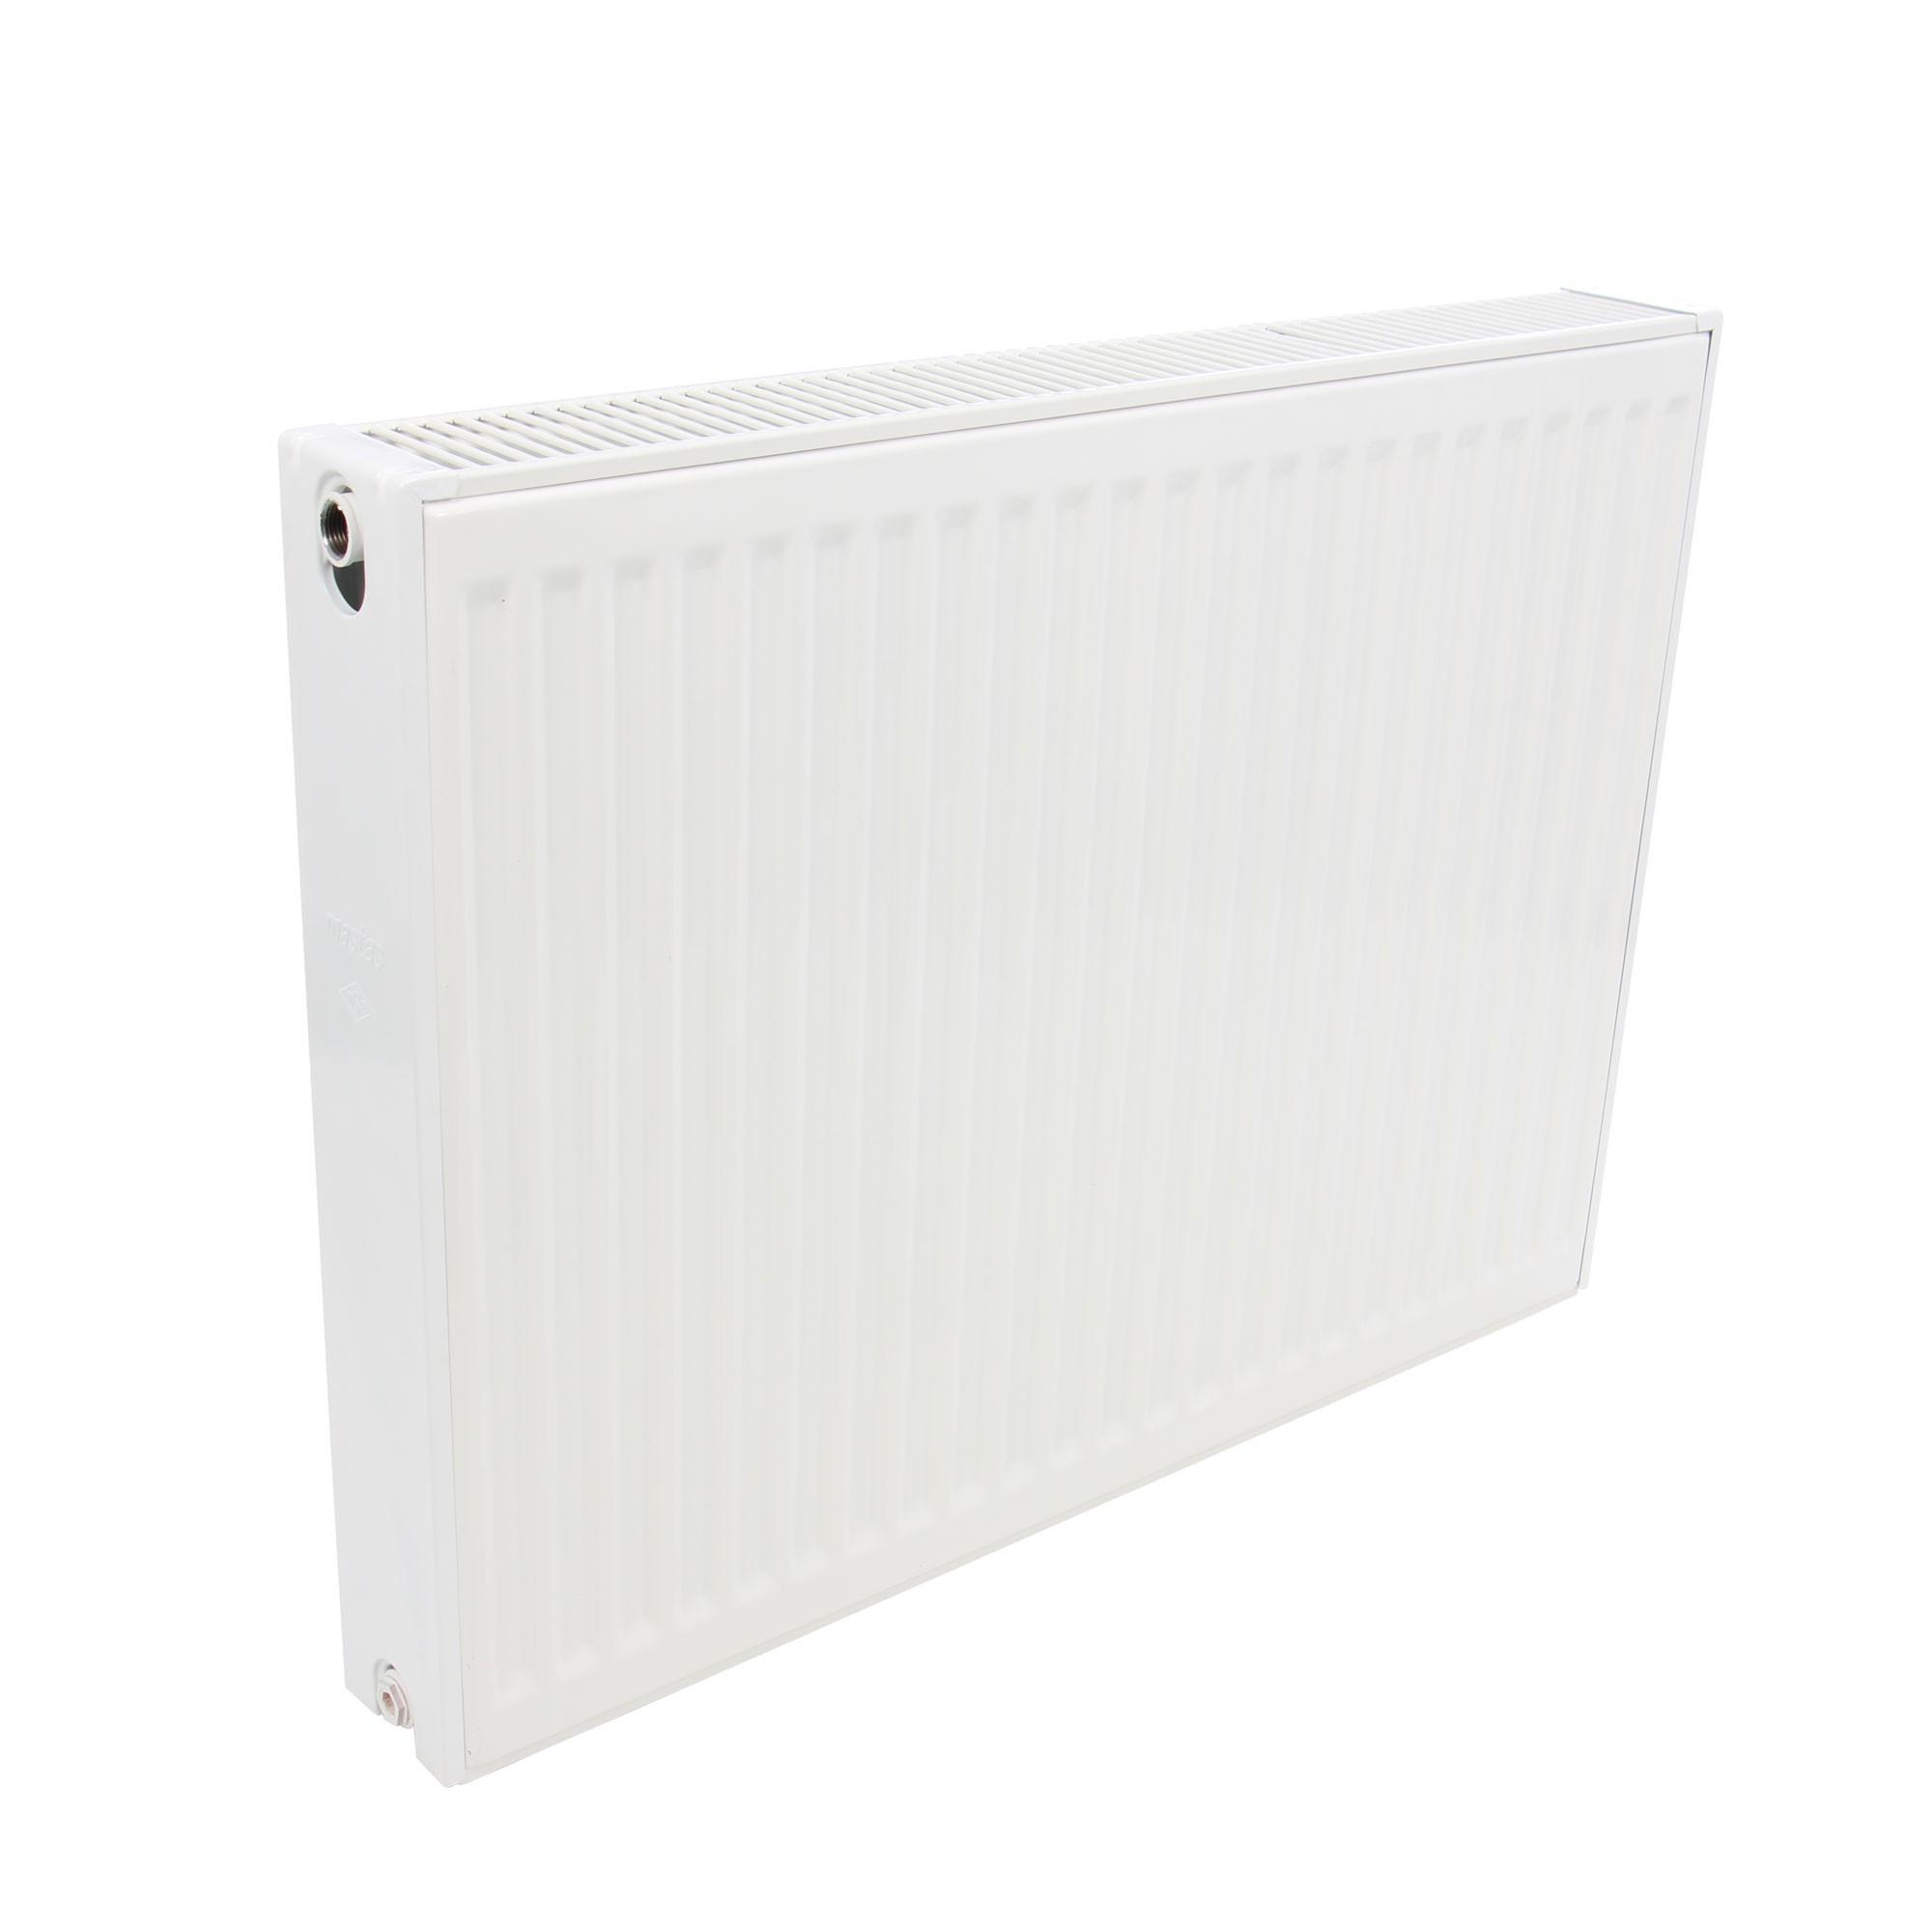 Radiator (calorifer) otel VIGO 22, 600 x 800 mm, accesorii incluse fornello imagine